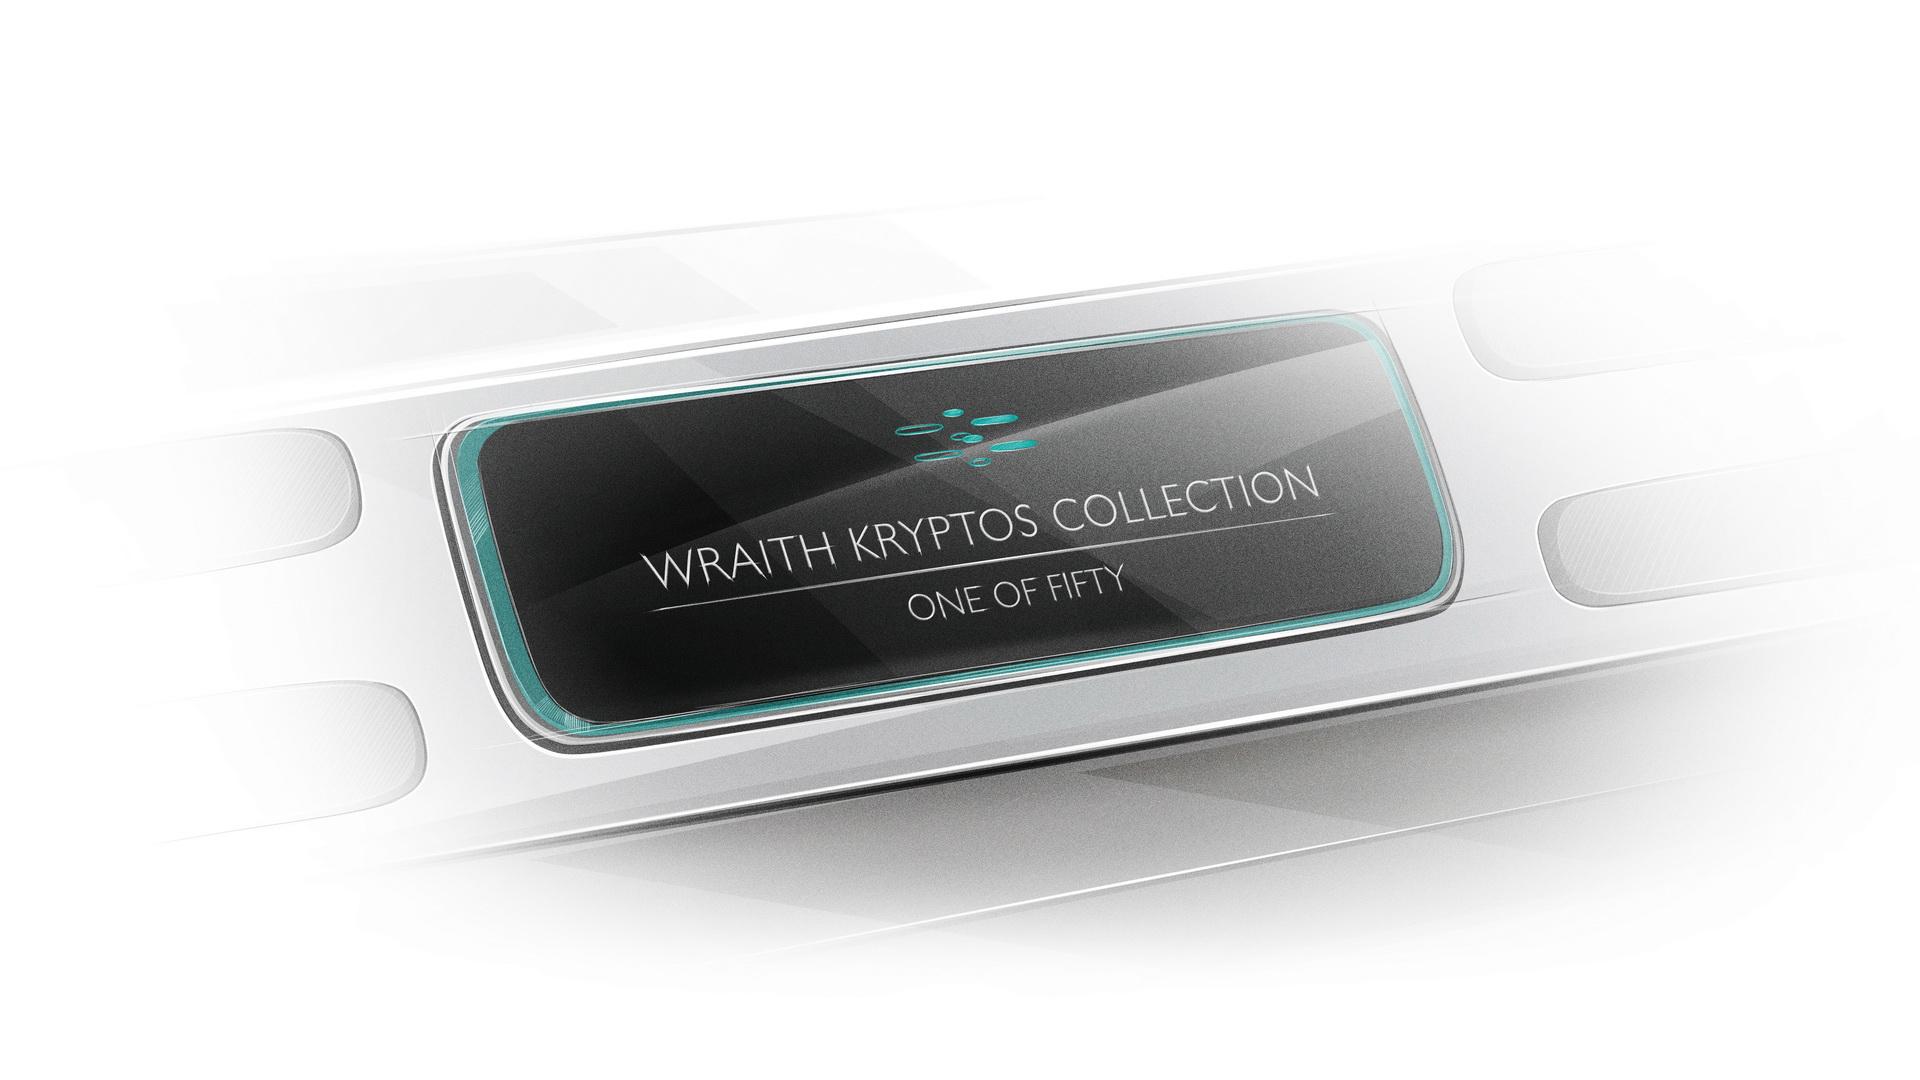 rolls-royce-wraith-kryptos-collection-13.jpg